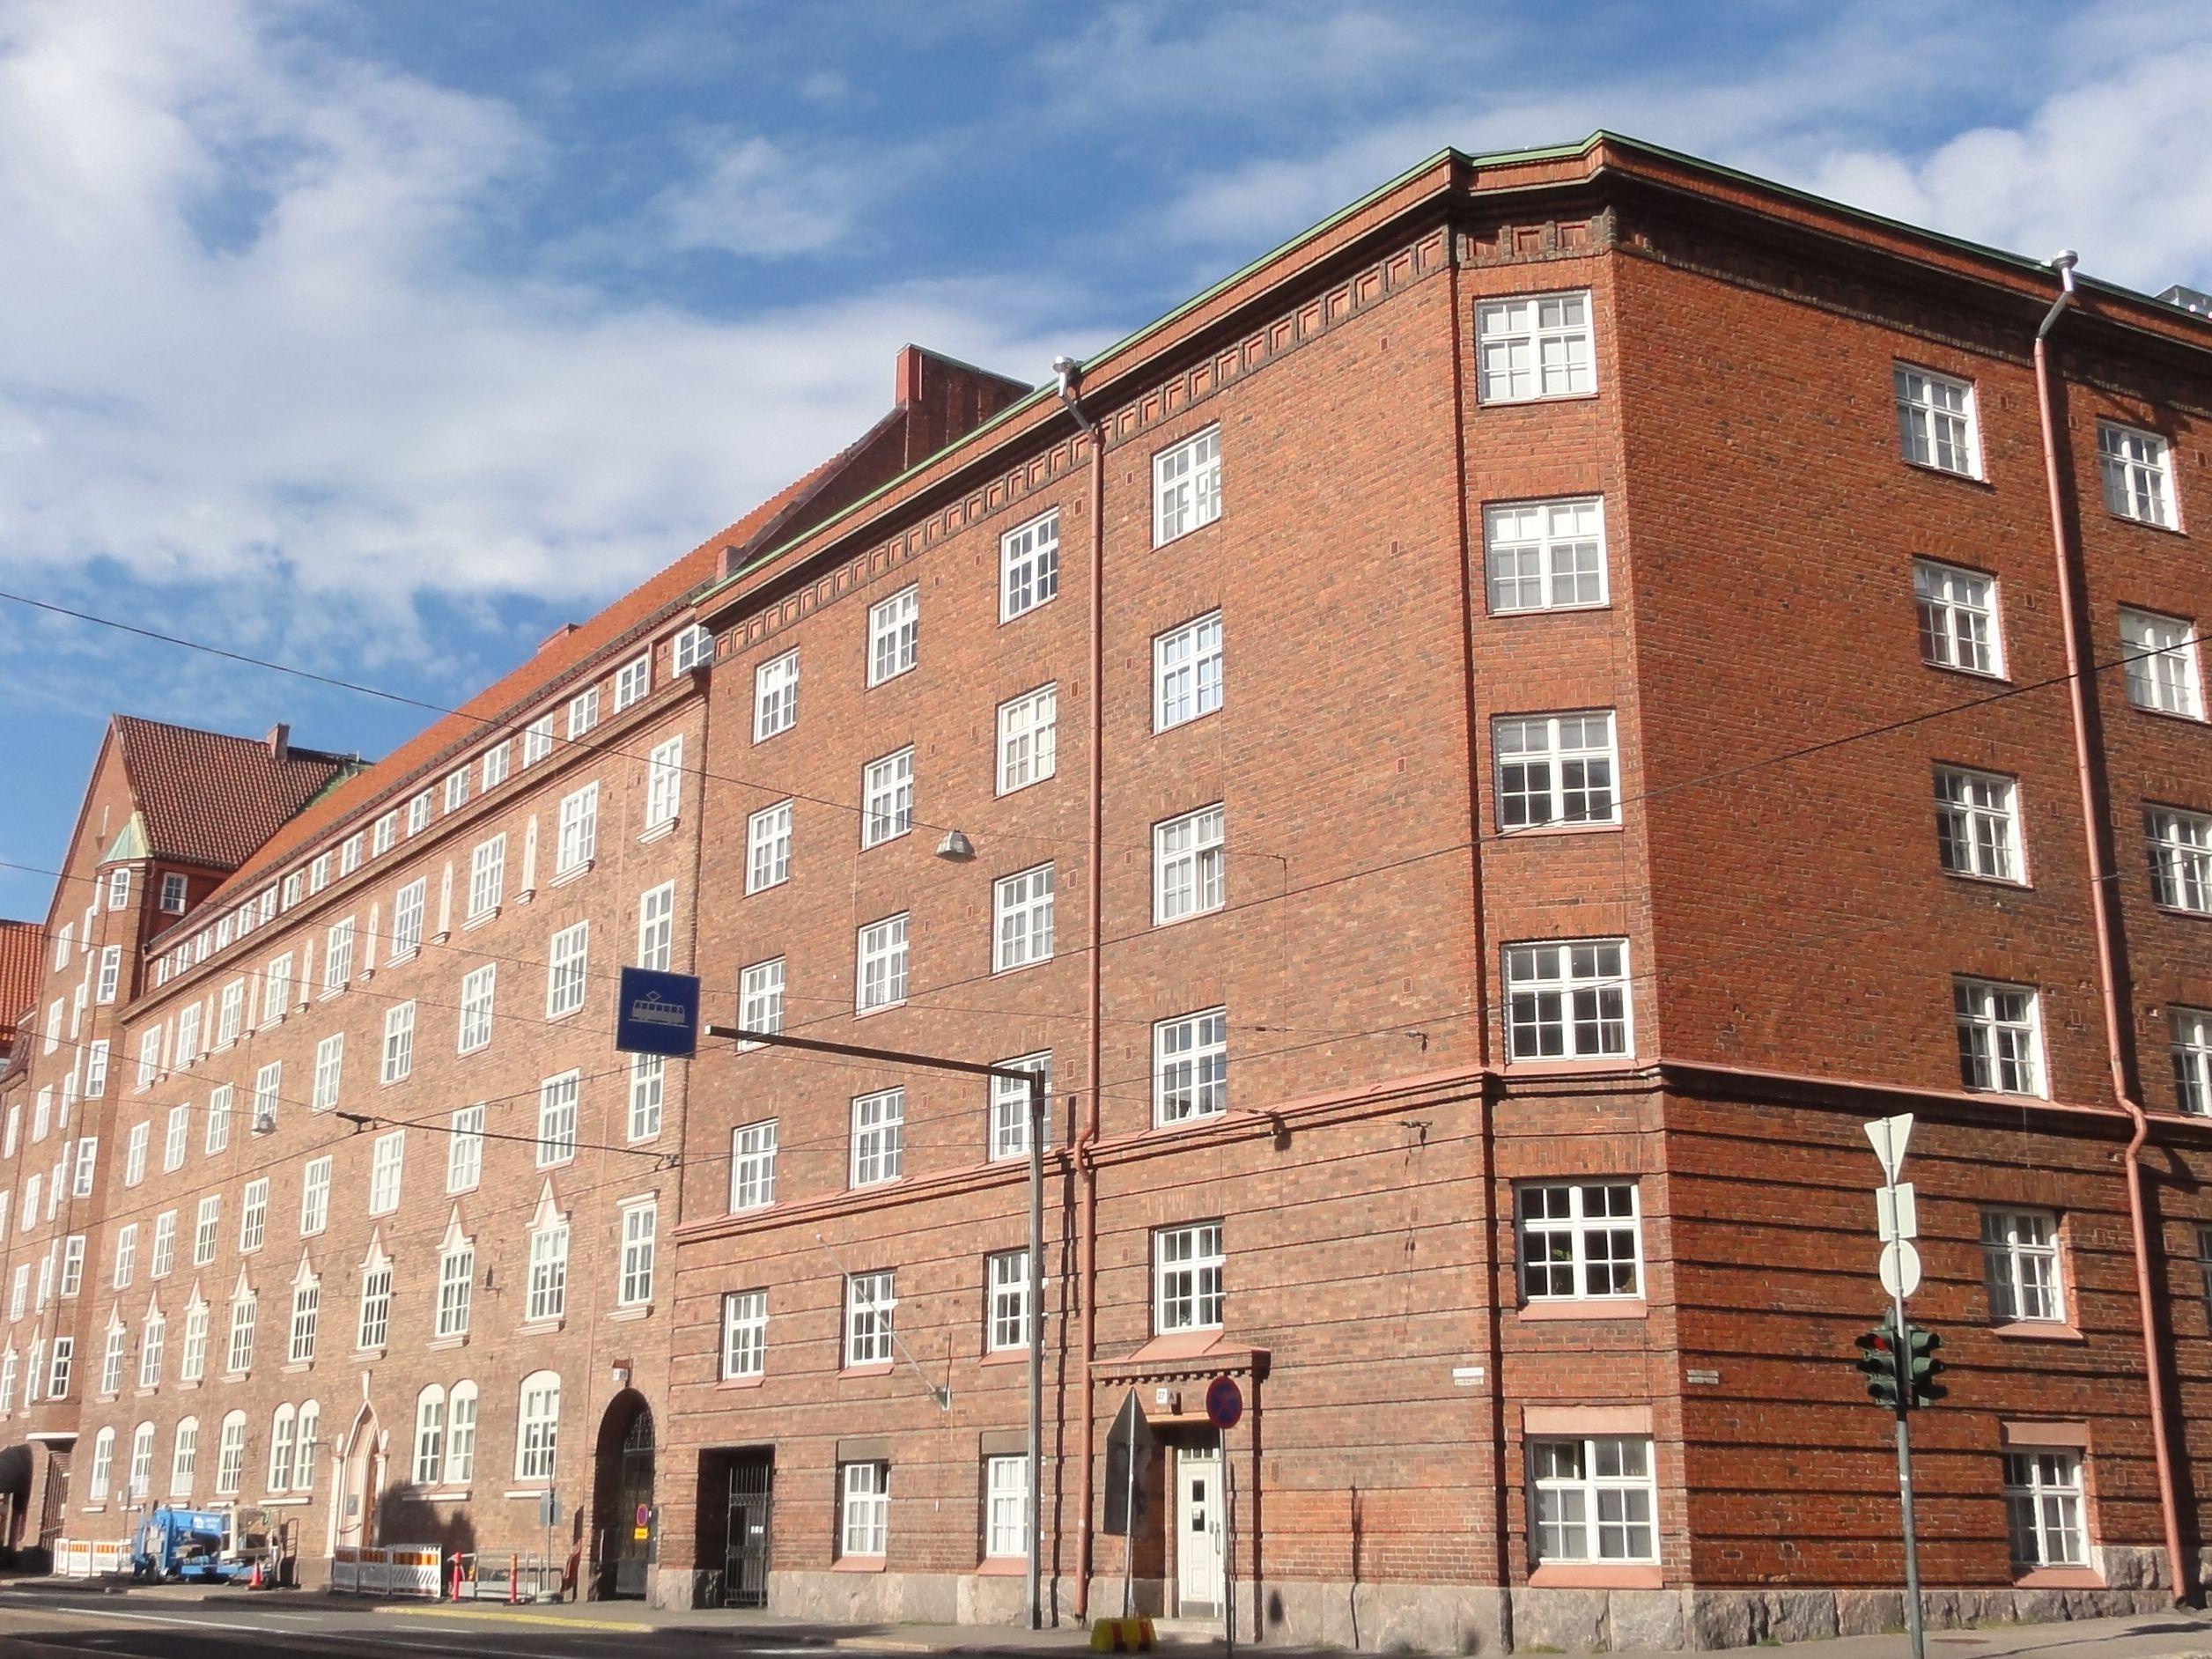 20160817 Helsinki 15